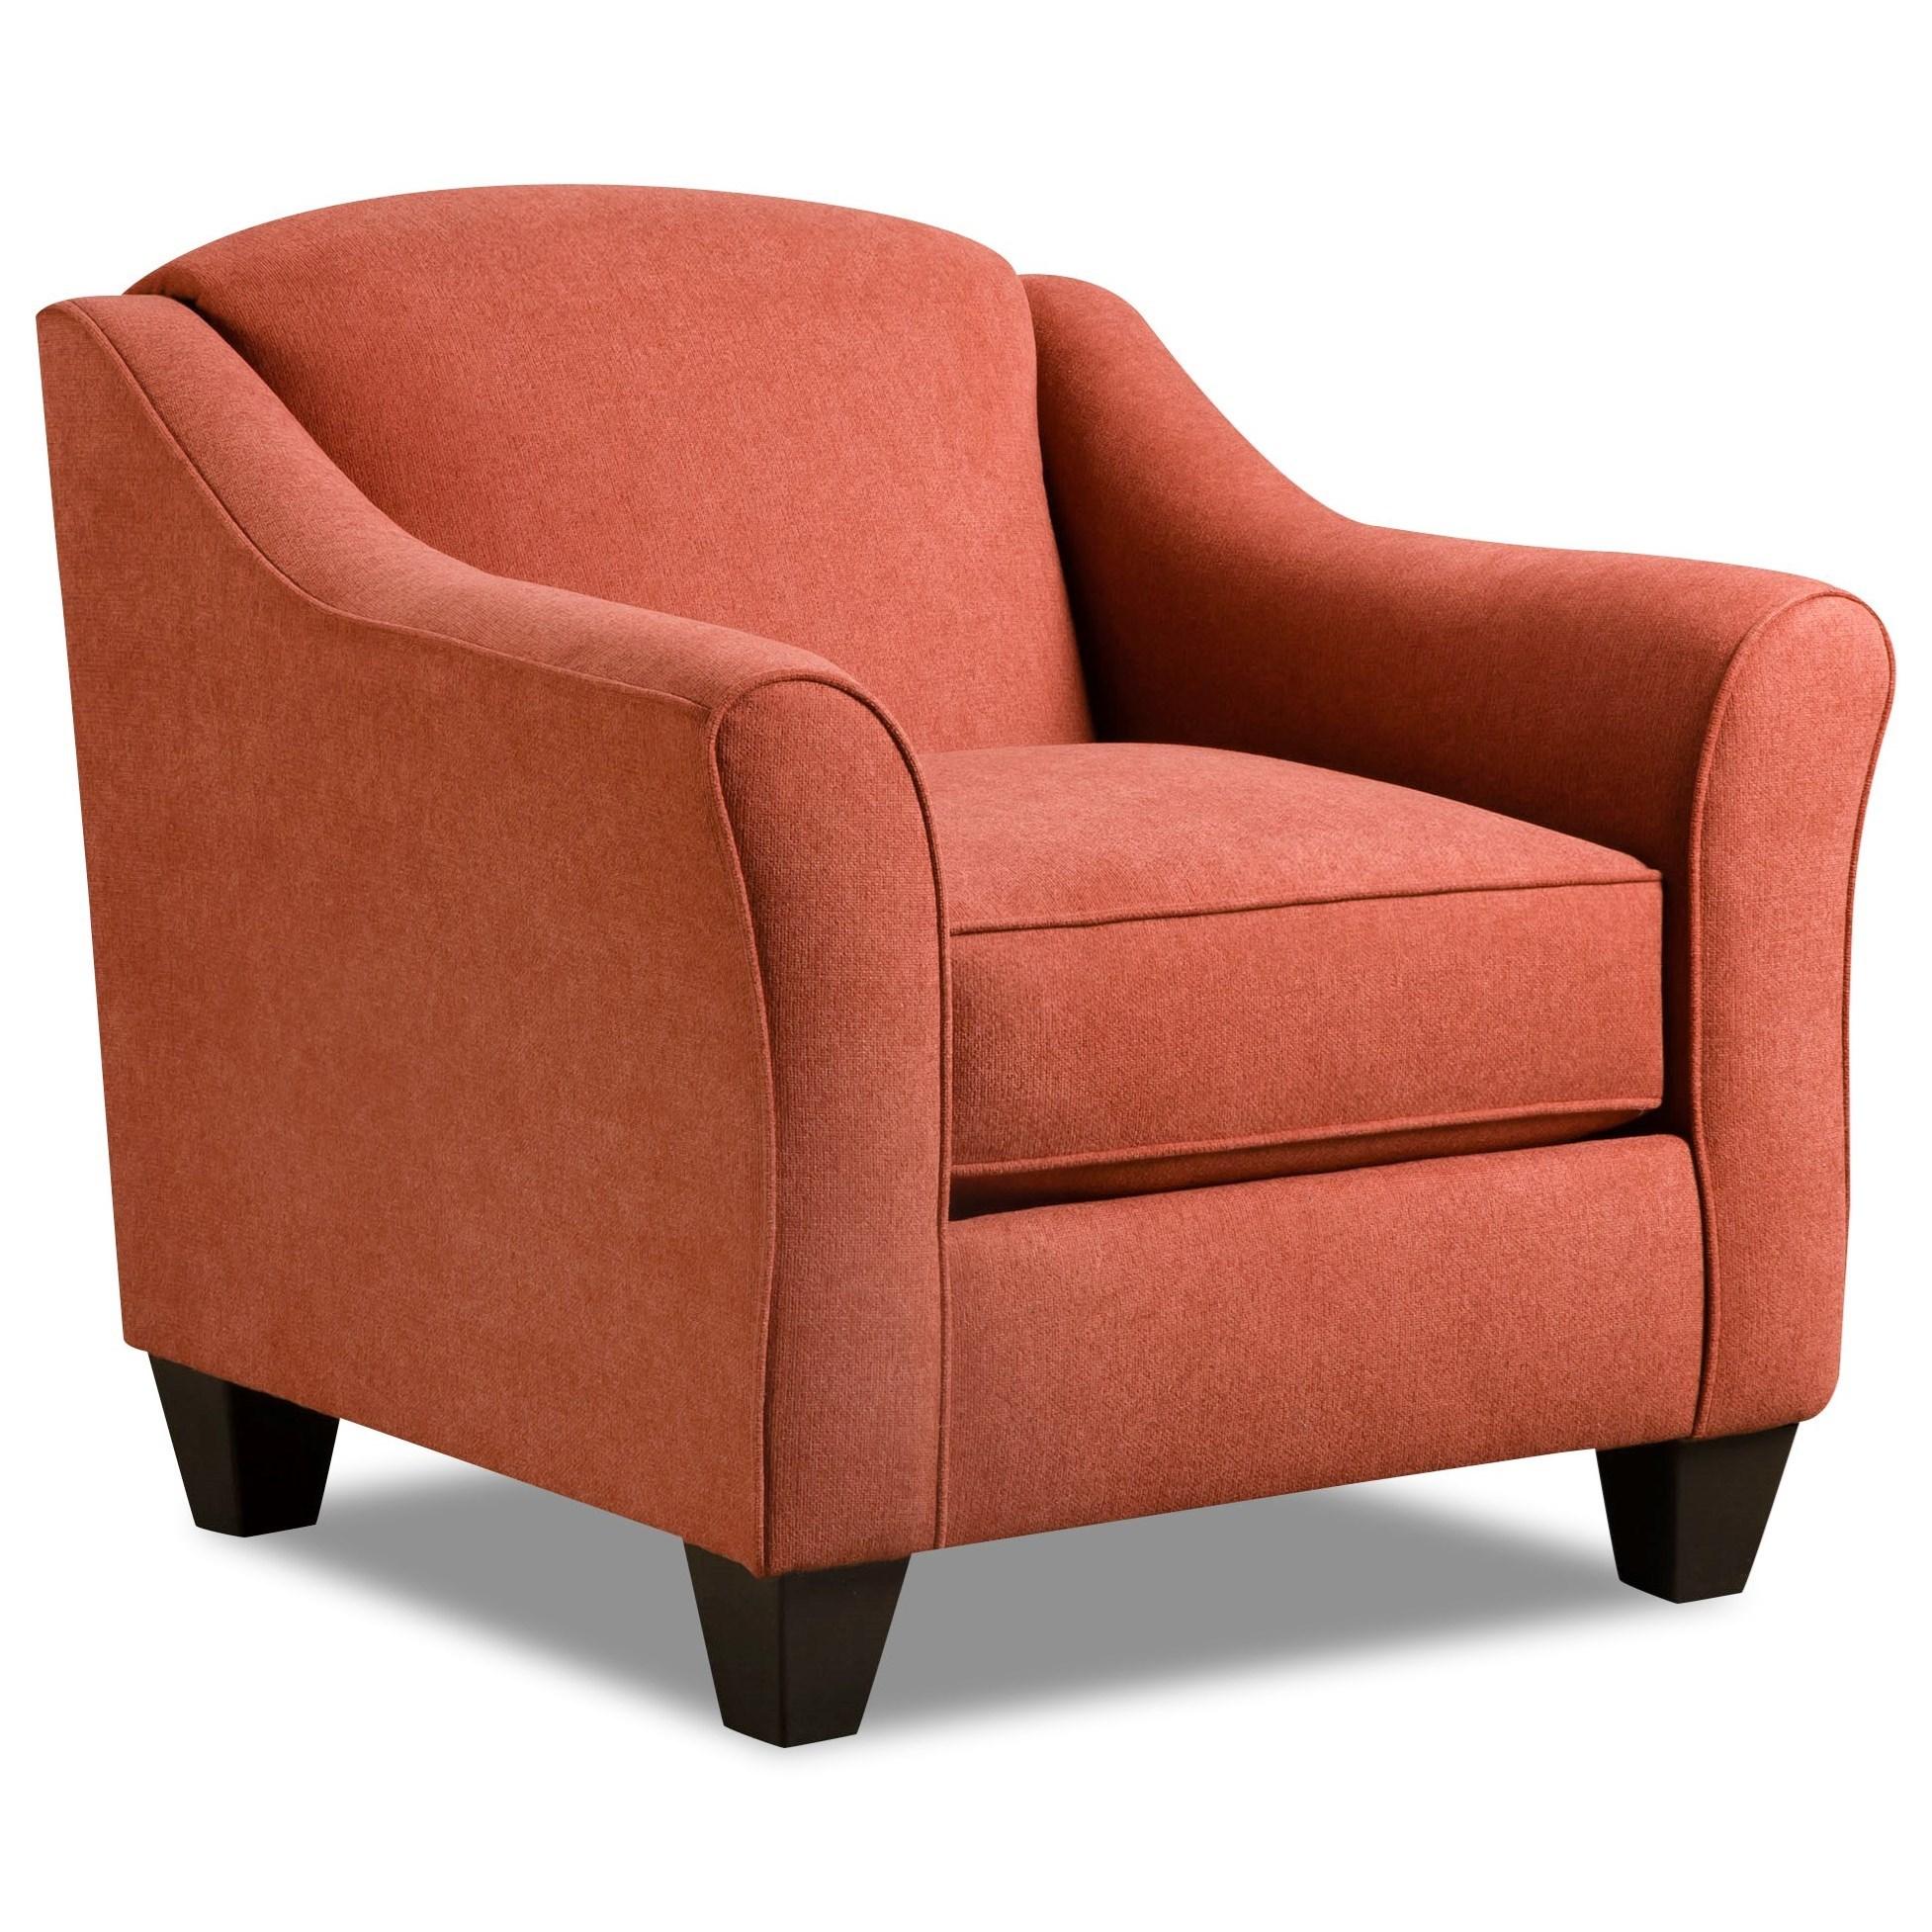 American Furniture Store: American Furniture 1020 1020-2027 Popstitch Rust Accent